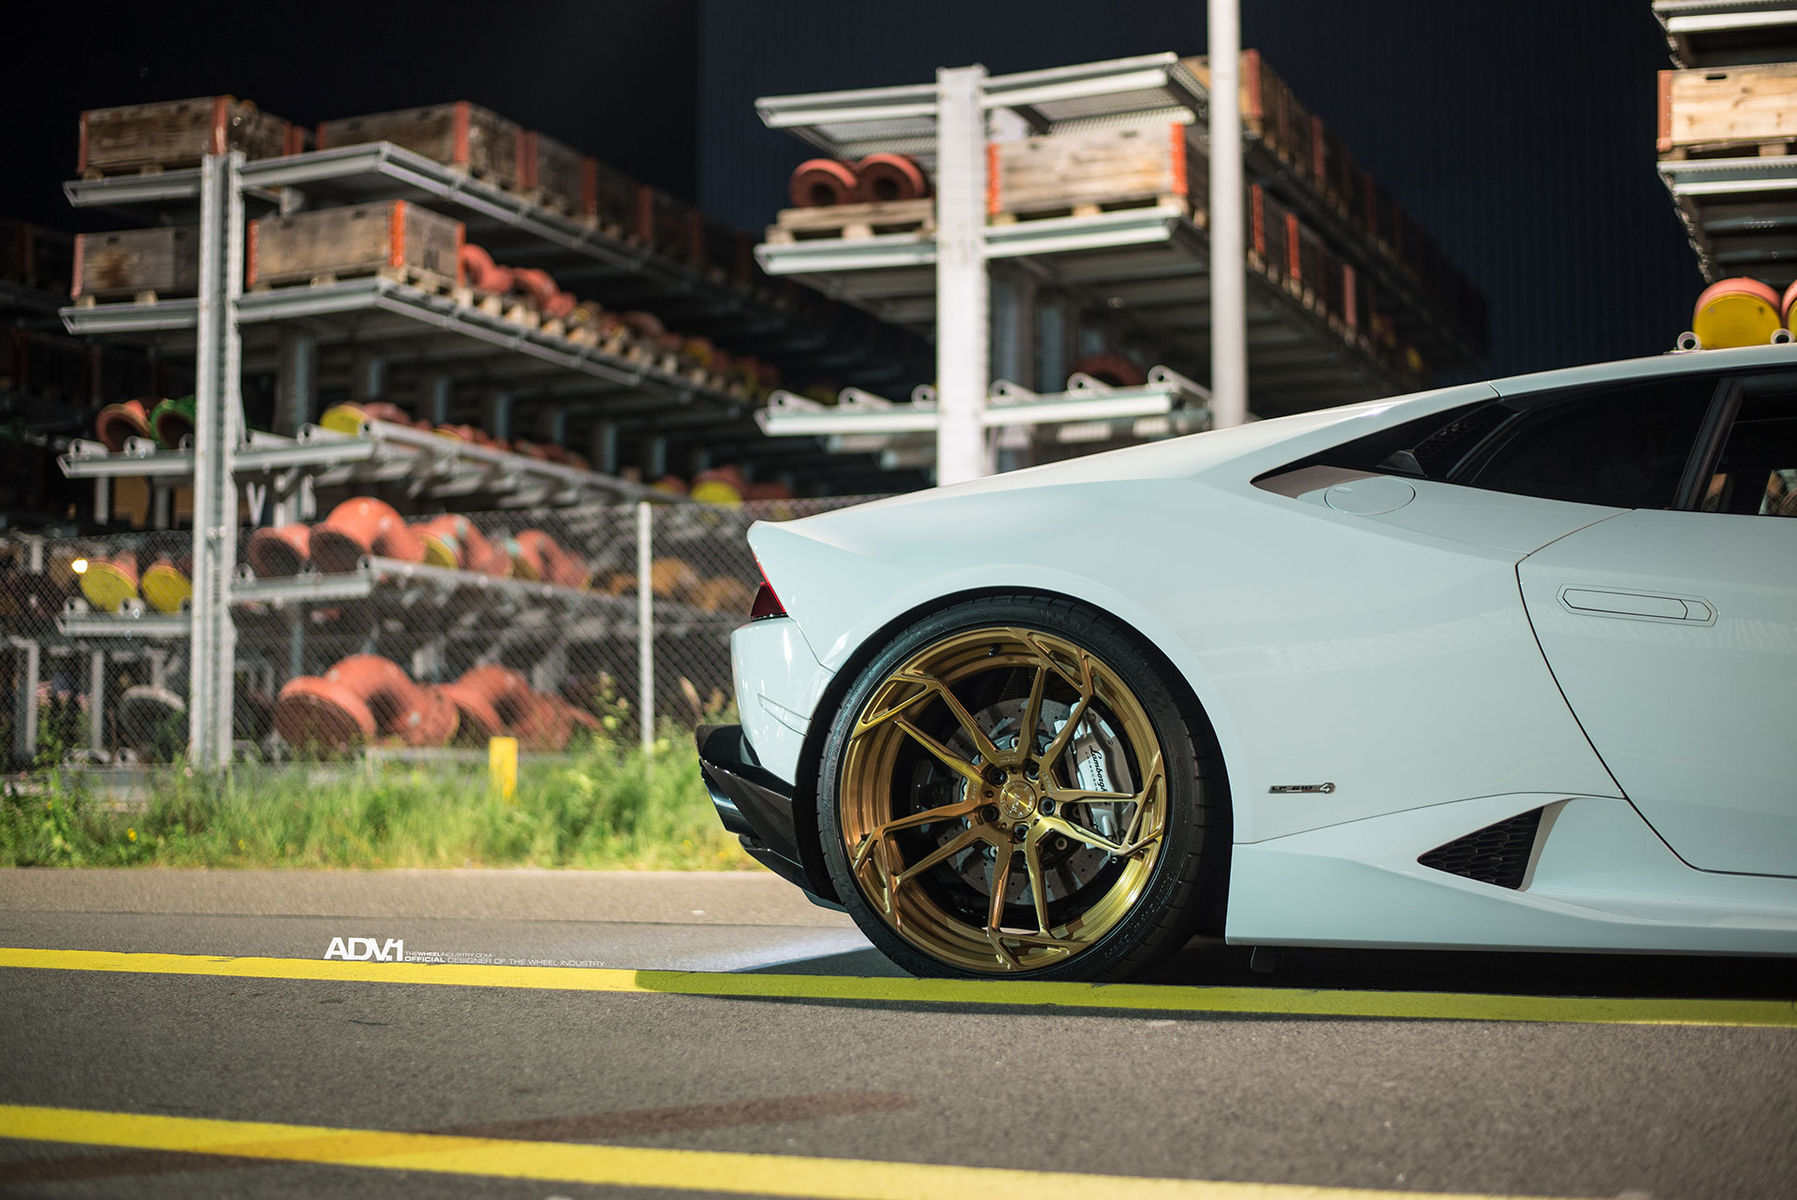 2017 Lamborghini Huracan | ADV.1 Wheels Lamborghini Huracan LP610-4